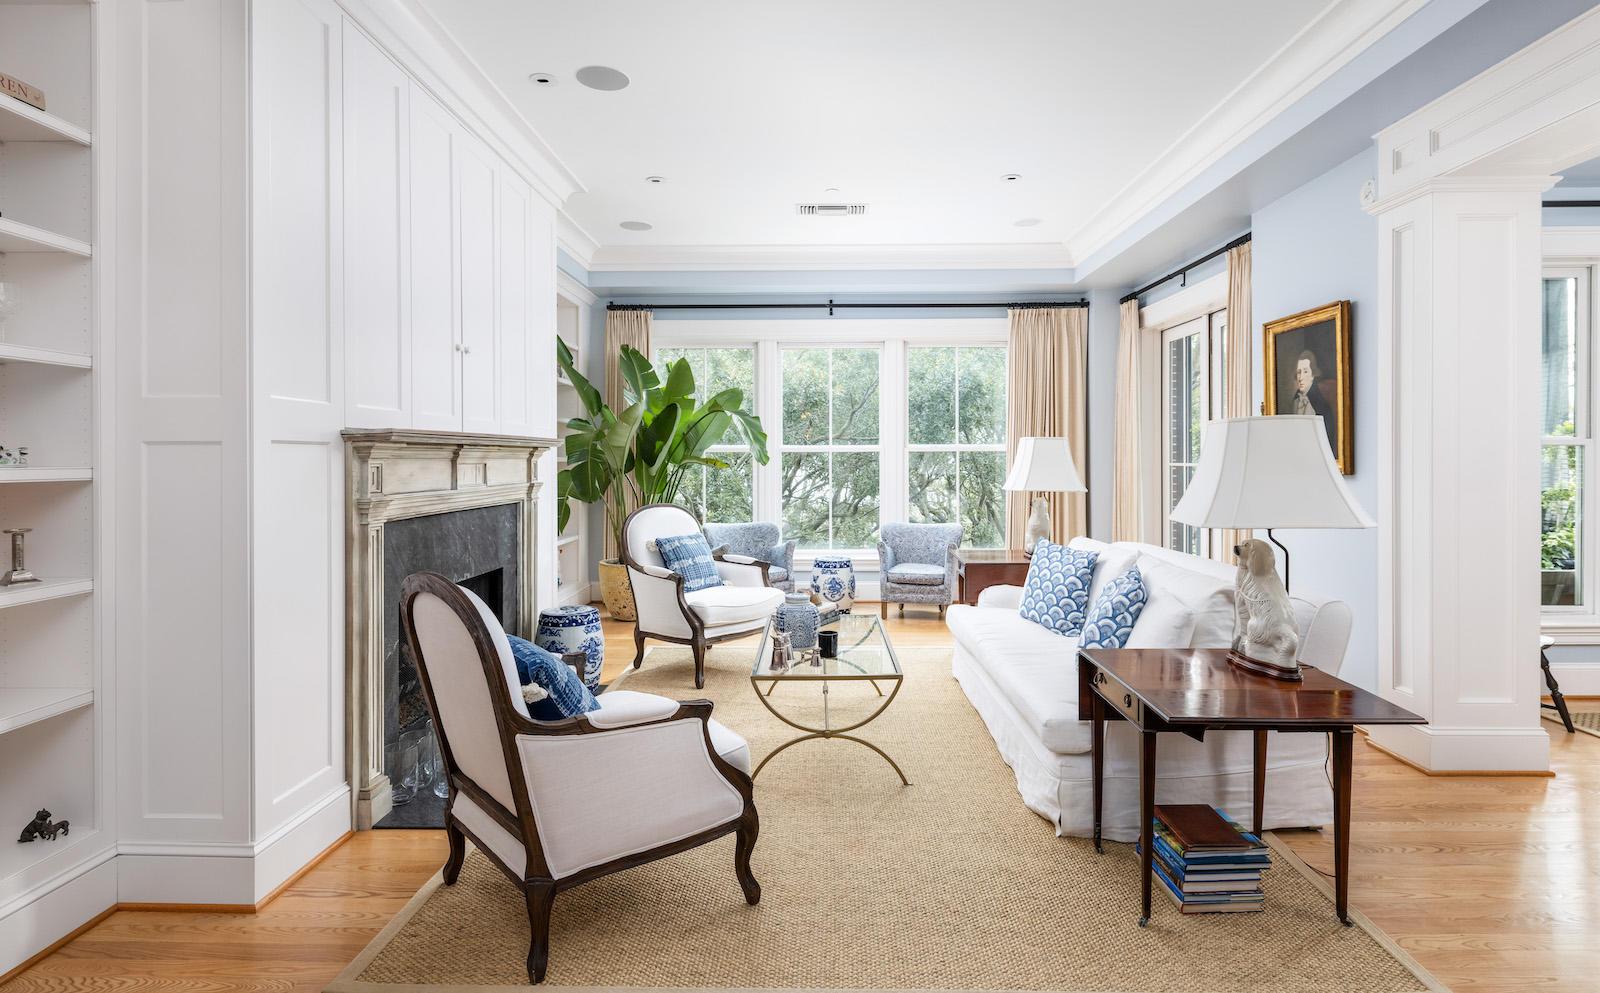 36 Prioleau Street, Charleston, 29401, 2 Bedrooms Bedrooms, ,2 BathroomsBathrooms,Residential,For Sale,Prioleau,21010546